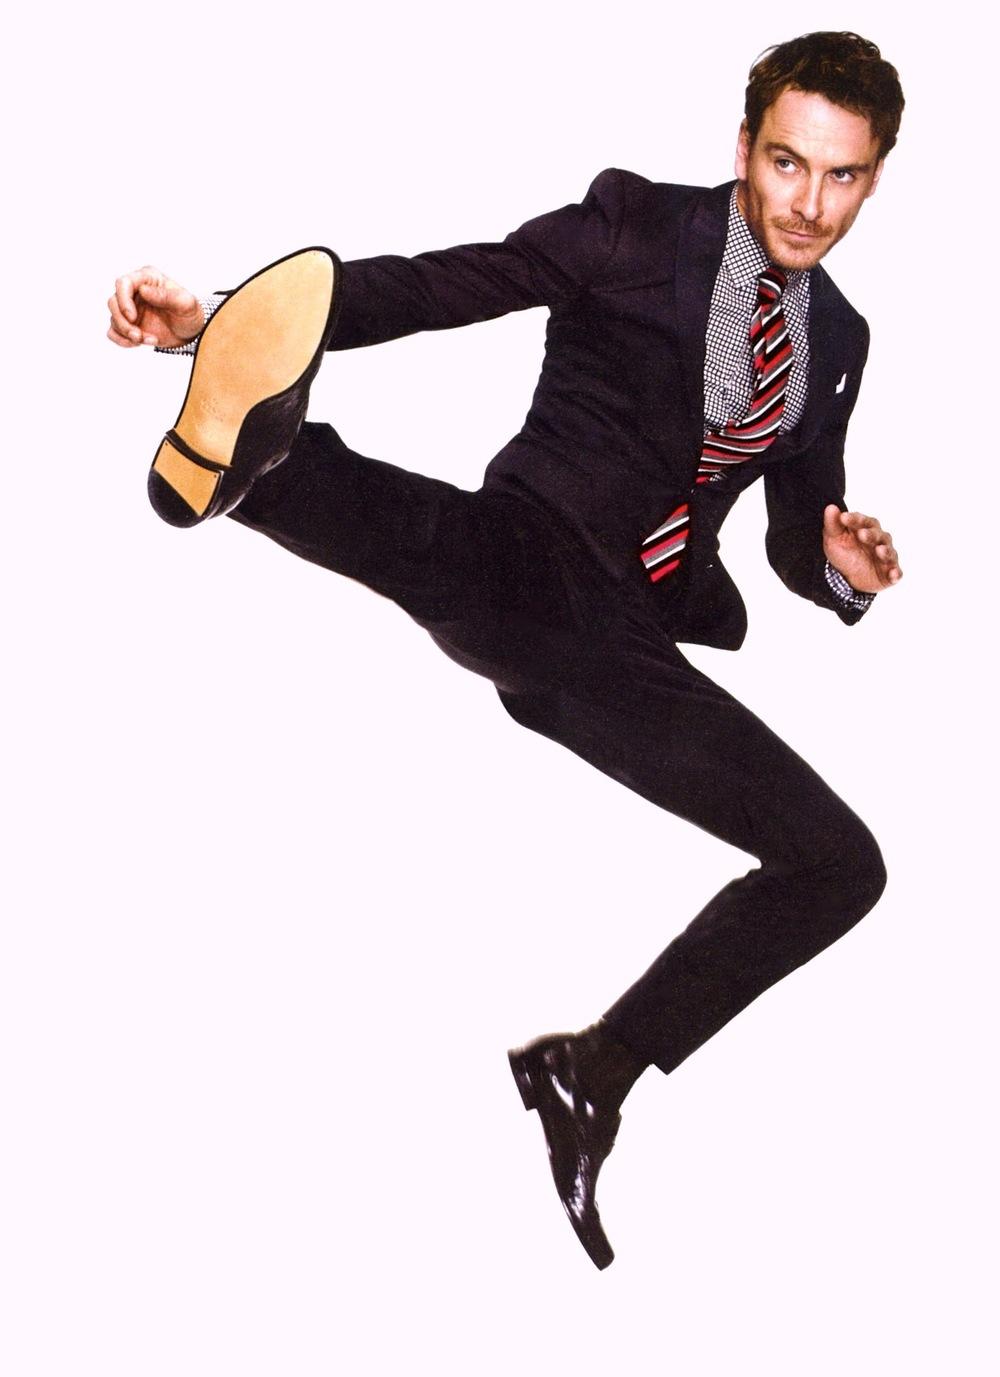 """Para muitos, um dos grandes atores da geração atual, Michael Fassbender é também um dos mais elegantes e autênticos que existe. Nascido na Alemanha e criado na Irlanda, Fassbender é sempre elogiado pela sua versatilidade nas telas. E os elogios não param por aí. Desde suas pequenas aparições em filmes como """"Bastardos Inglórios"""" e '300"""", o moço, que hoje completa 37 anos, teve seu bom gosto para roupas como outro ponto forte. Não à toa que vem sendo requisitado pelas mais renomadas revistas como GQ, Esquire e Elle para estampar editoriais de moda caprichados. Um grande ator em todos os sentidos."""